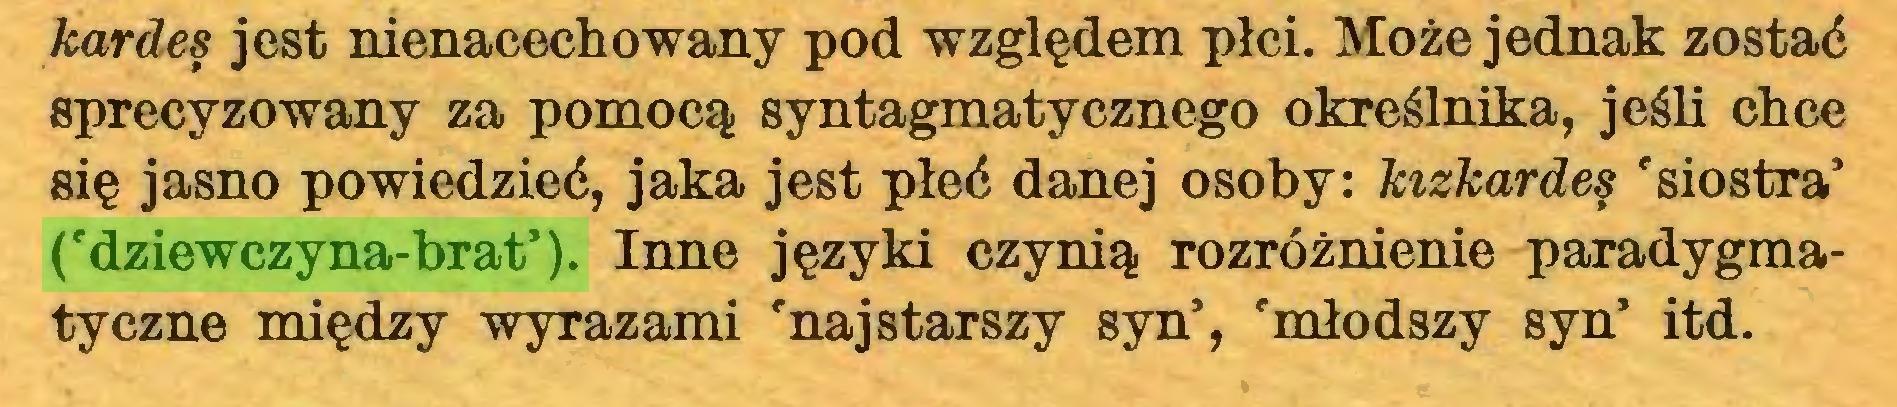 (...) kardes jest nienacechowany pod względem płci. Może jednak zostać sprecyzowany za pomocą syntagmatycznego określnika, jeśli chce się jasno powiedzieć, jaka jest płeć danej osoby: kizkardes 'siostra5 ('dziewczyna-brat5). Inne języki czynią rozróżnienie paradygmatyczne między wyrazami 'najstarszy syn5, 'młodszy syn5 itd...